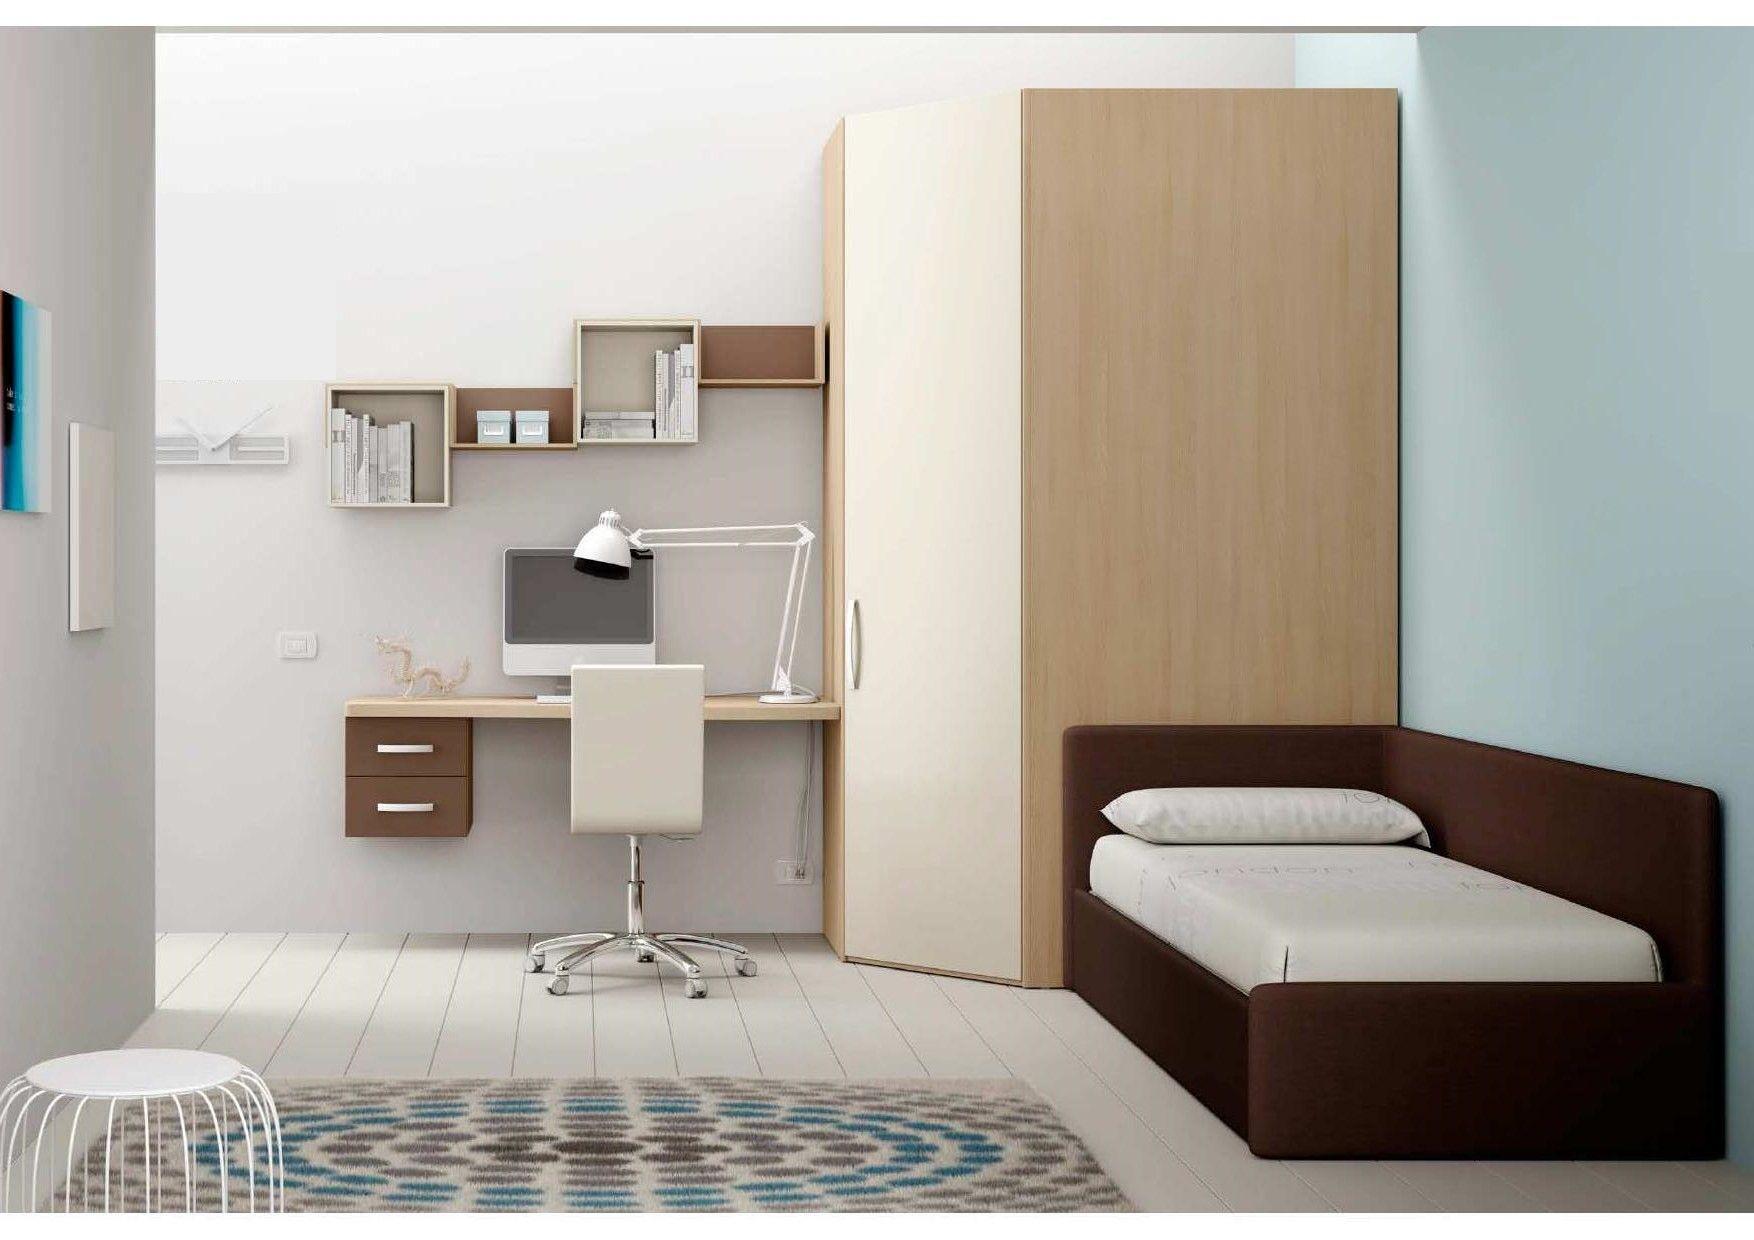 Guardaroba cameretta ~ Cameretta completa di cabina armadio ad angolo divano letto